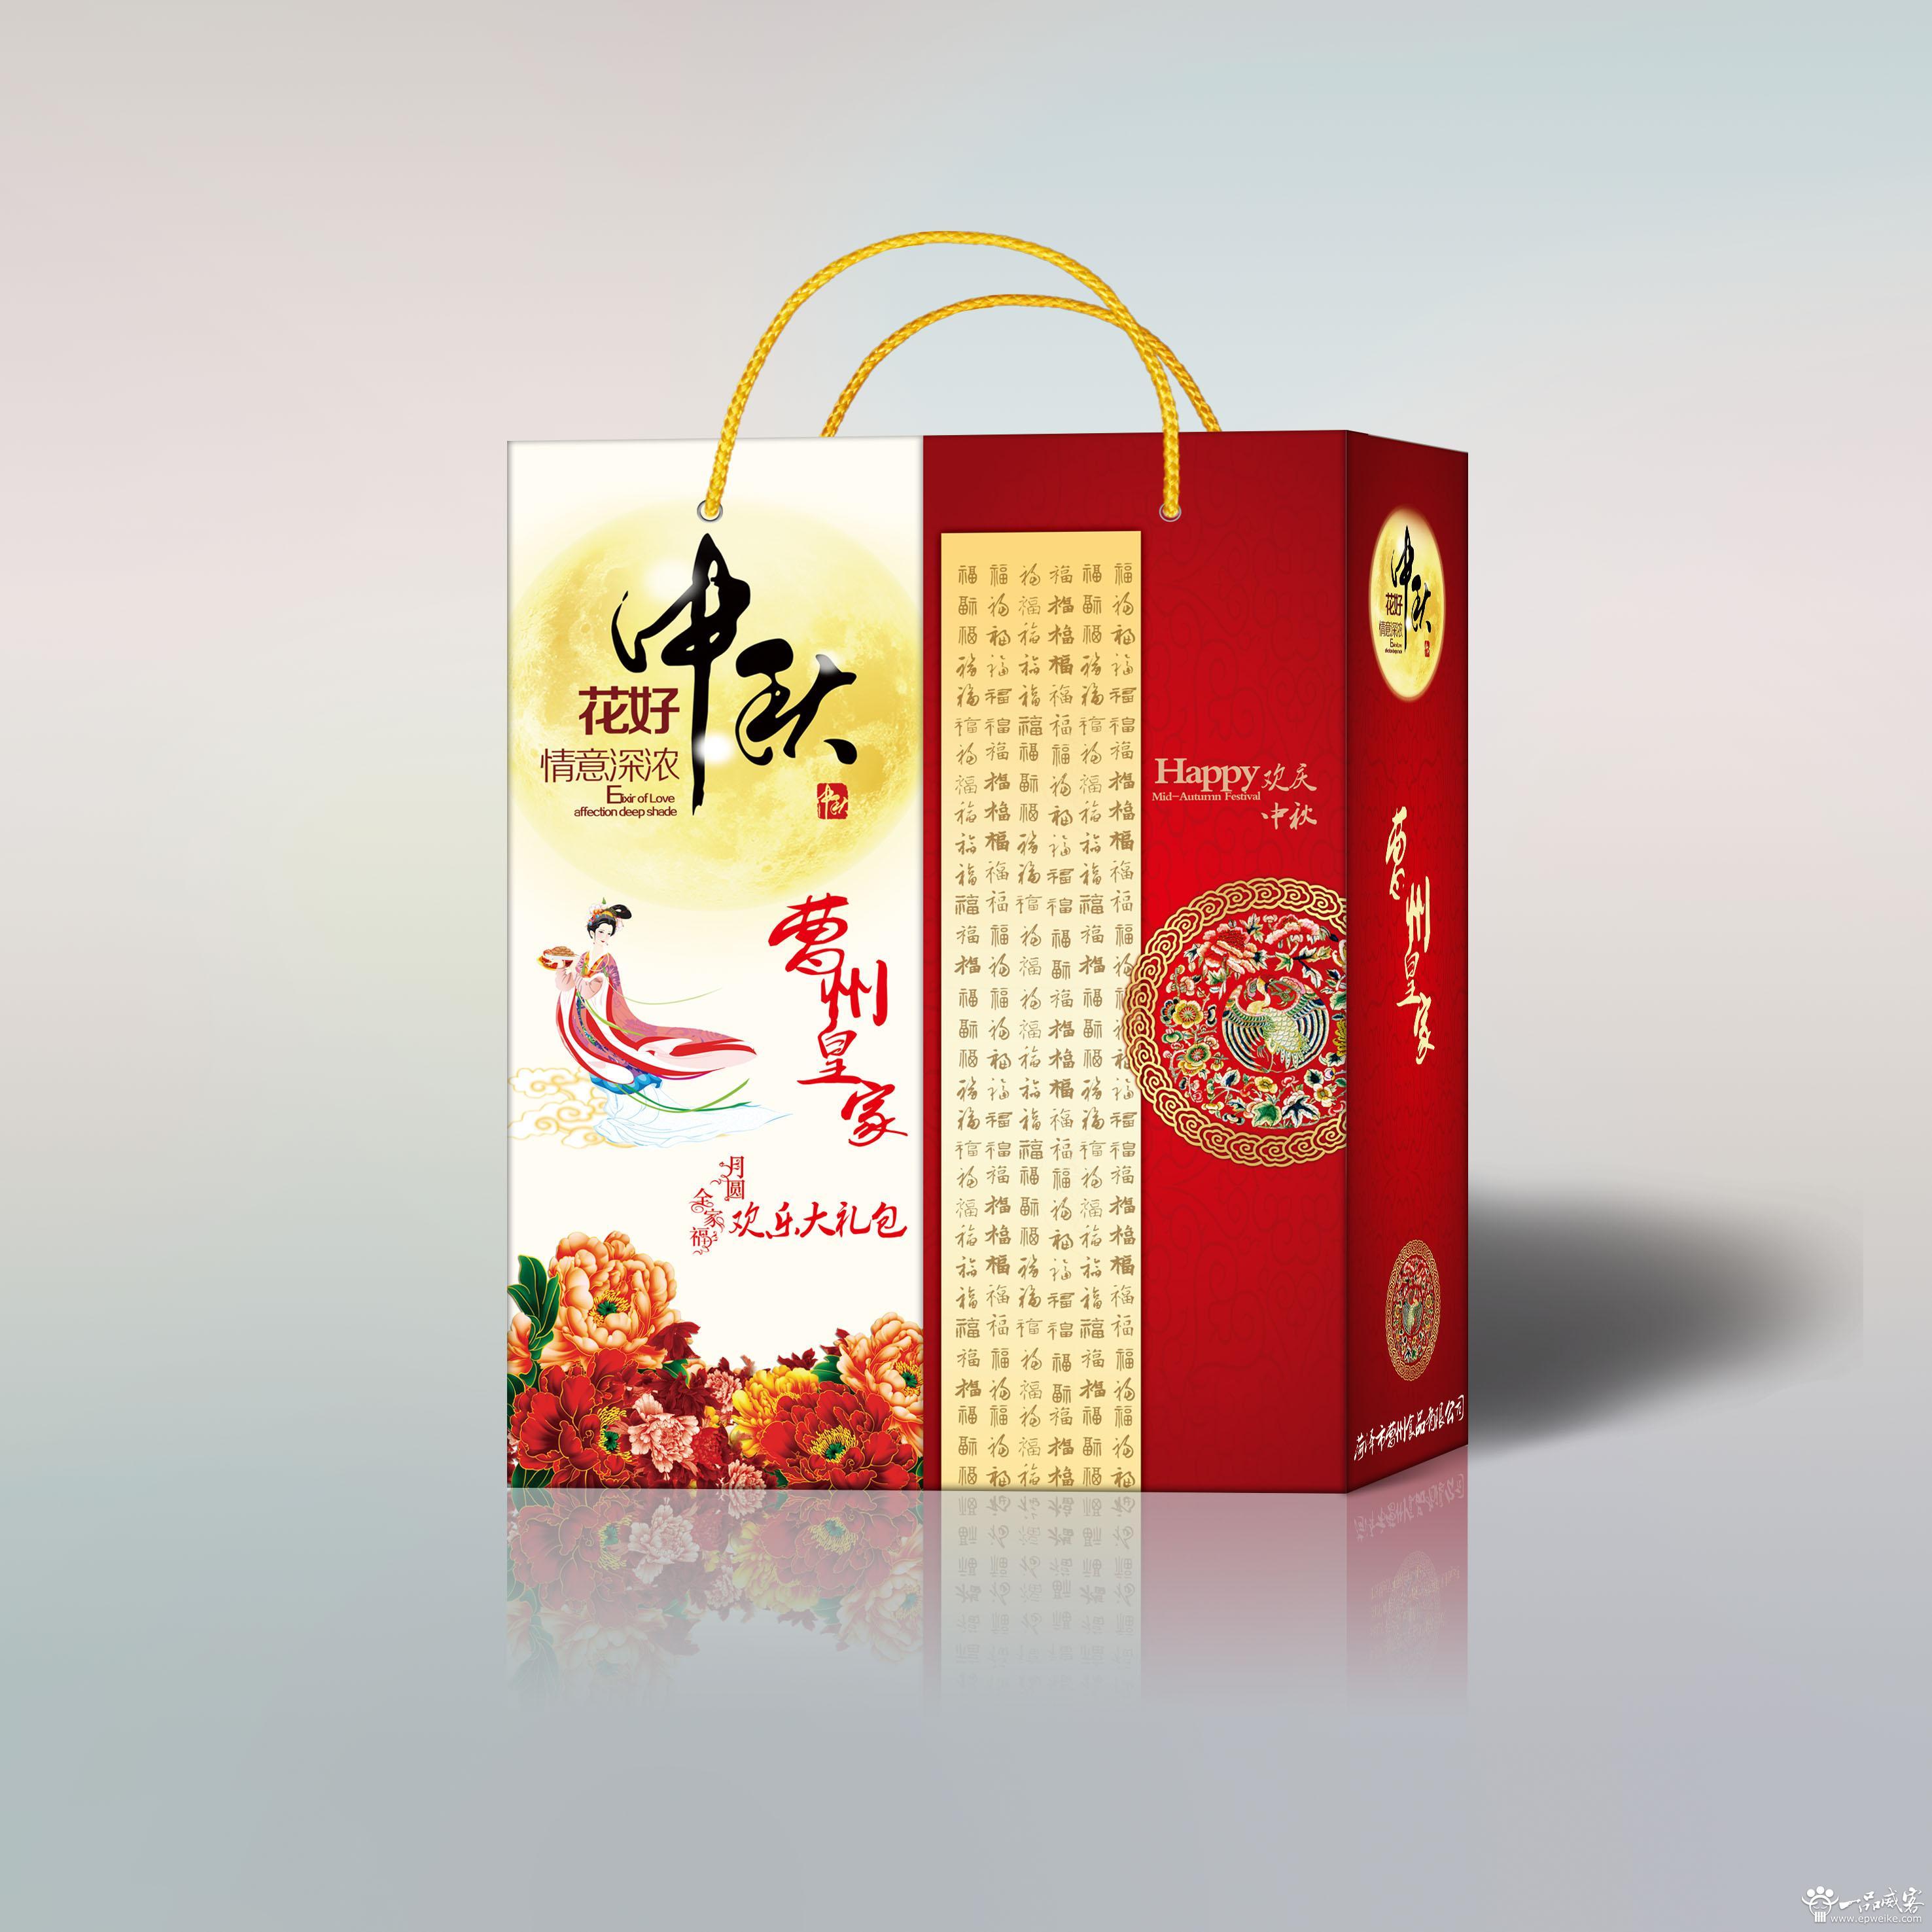 因此,濟南產品包裝設計制作要使用新穎別致的造型,鮮艷奪目的色彩